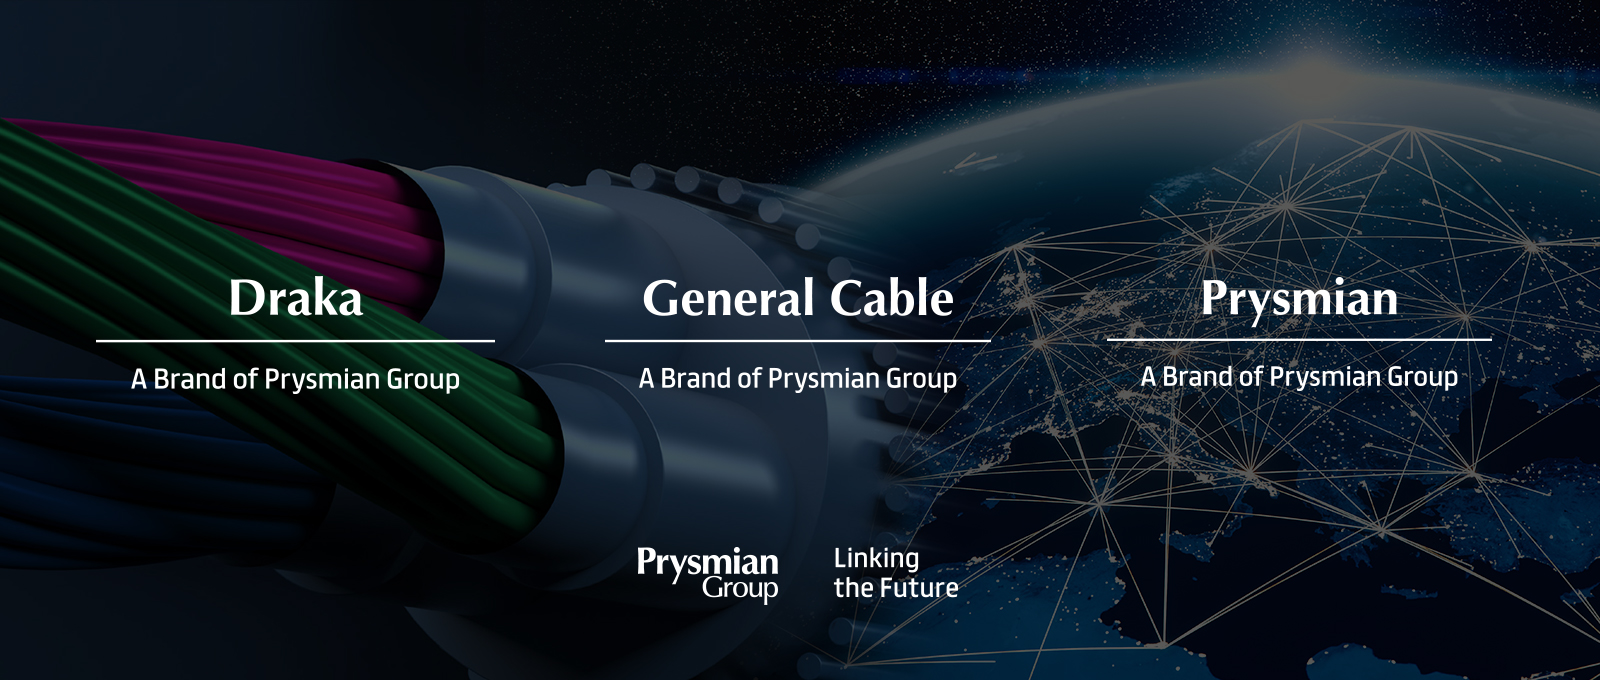 Prysmian Group entwickelt zur Stärkung der Unternehmens- und Handelsmarken eine neue Markenstrategie